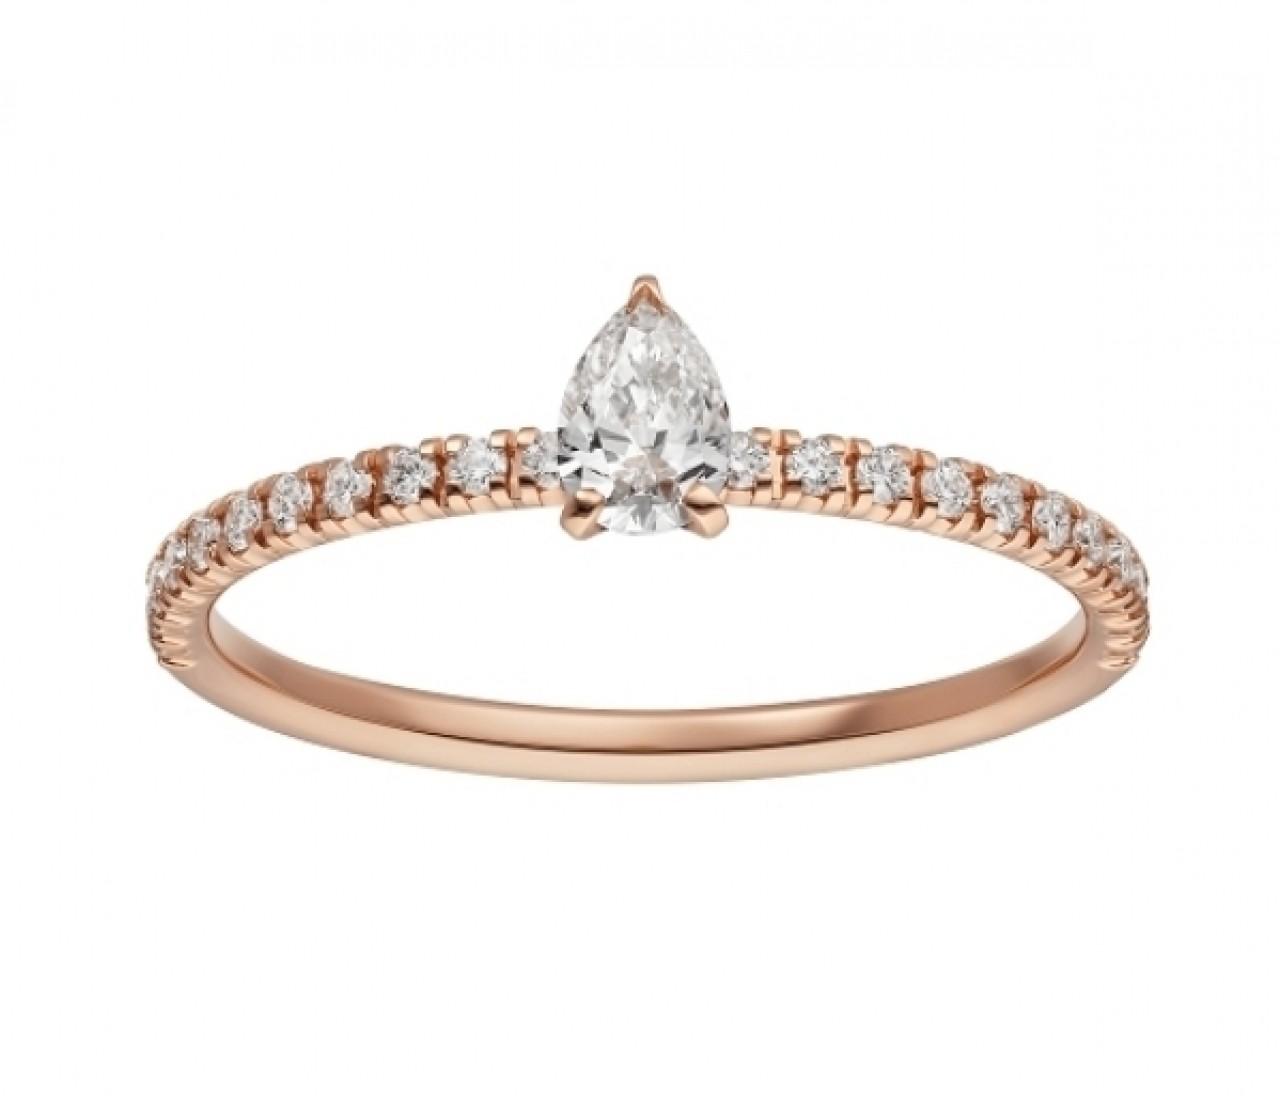 カルティエで選ぶ結婚指輪5選【新時代の価値あるウエディングリング】